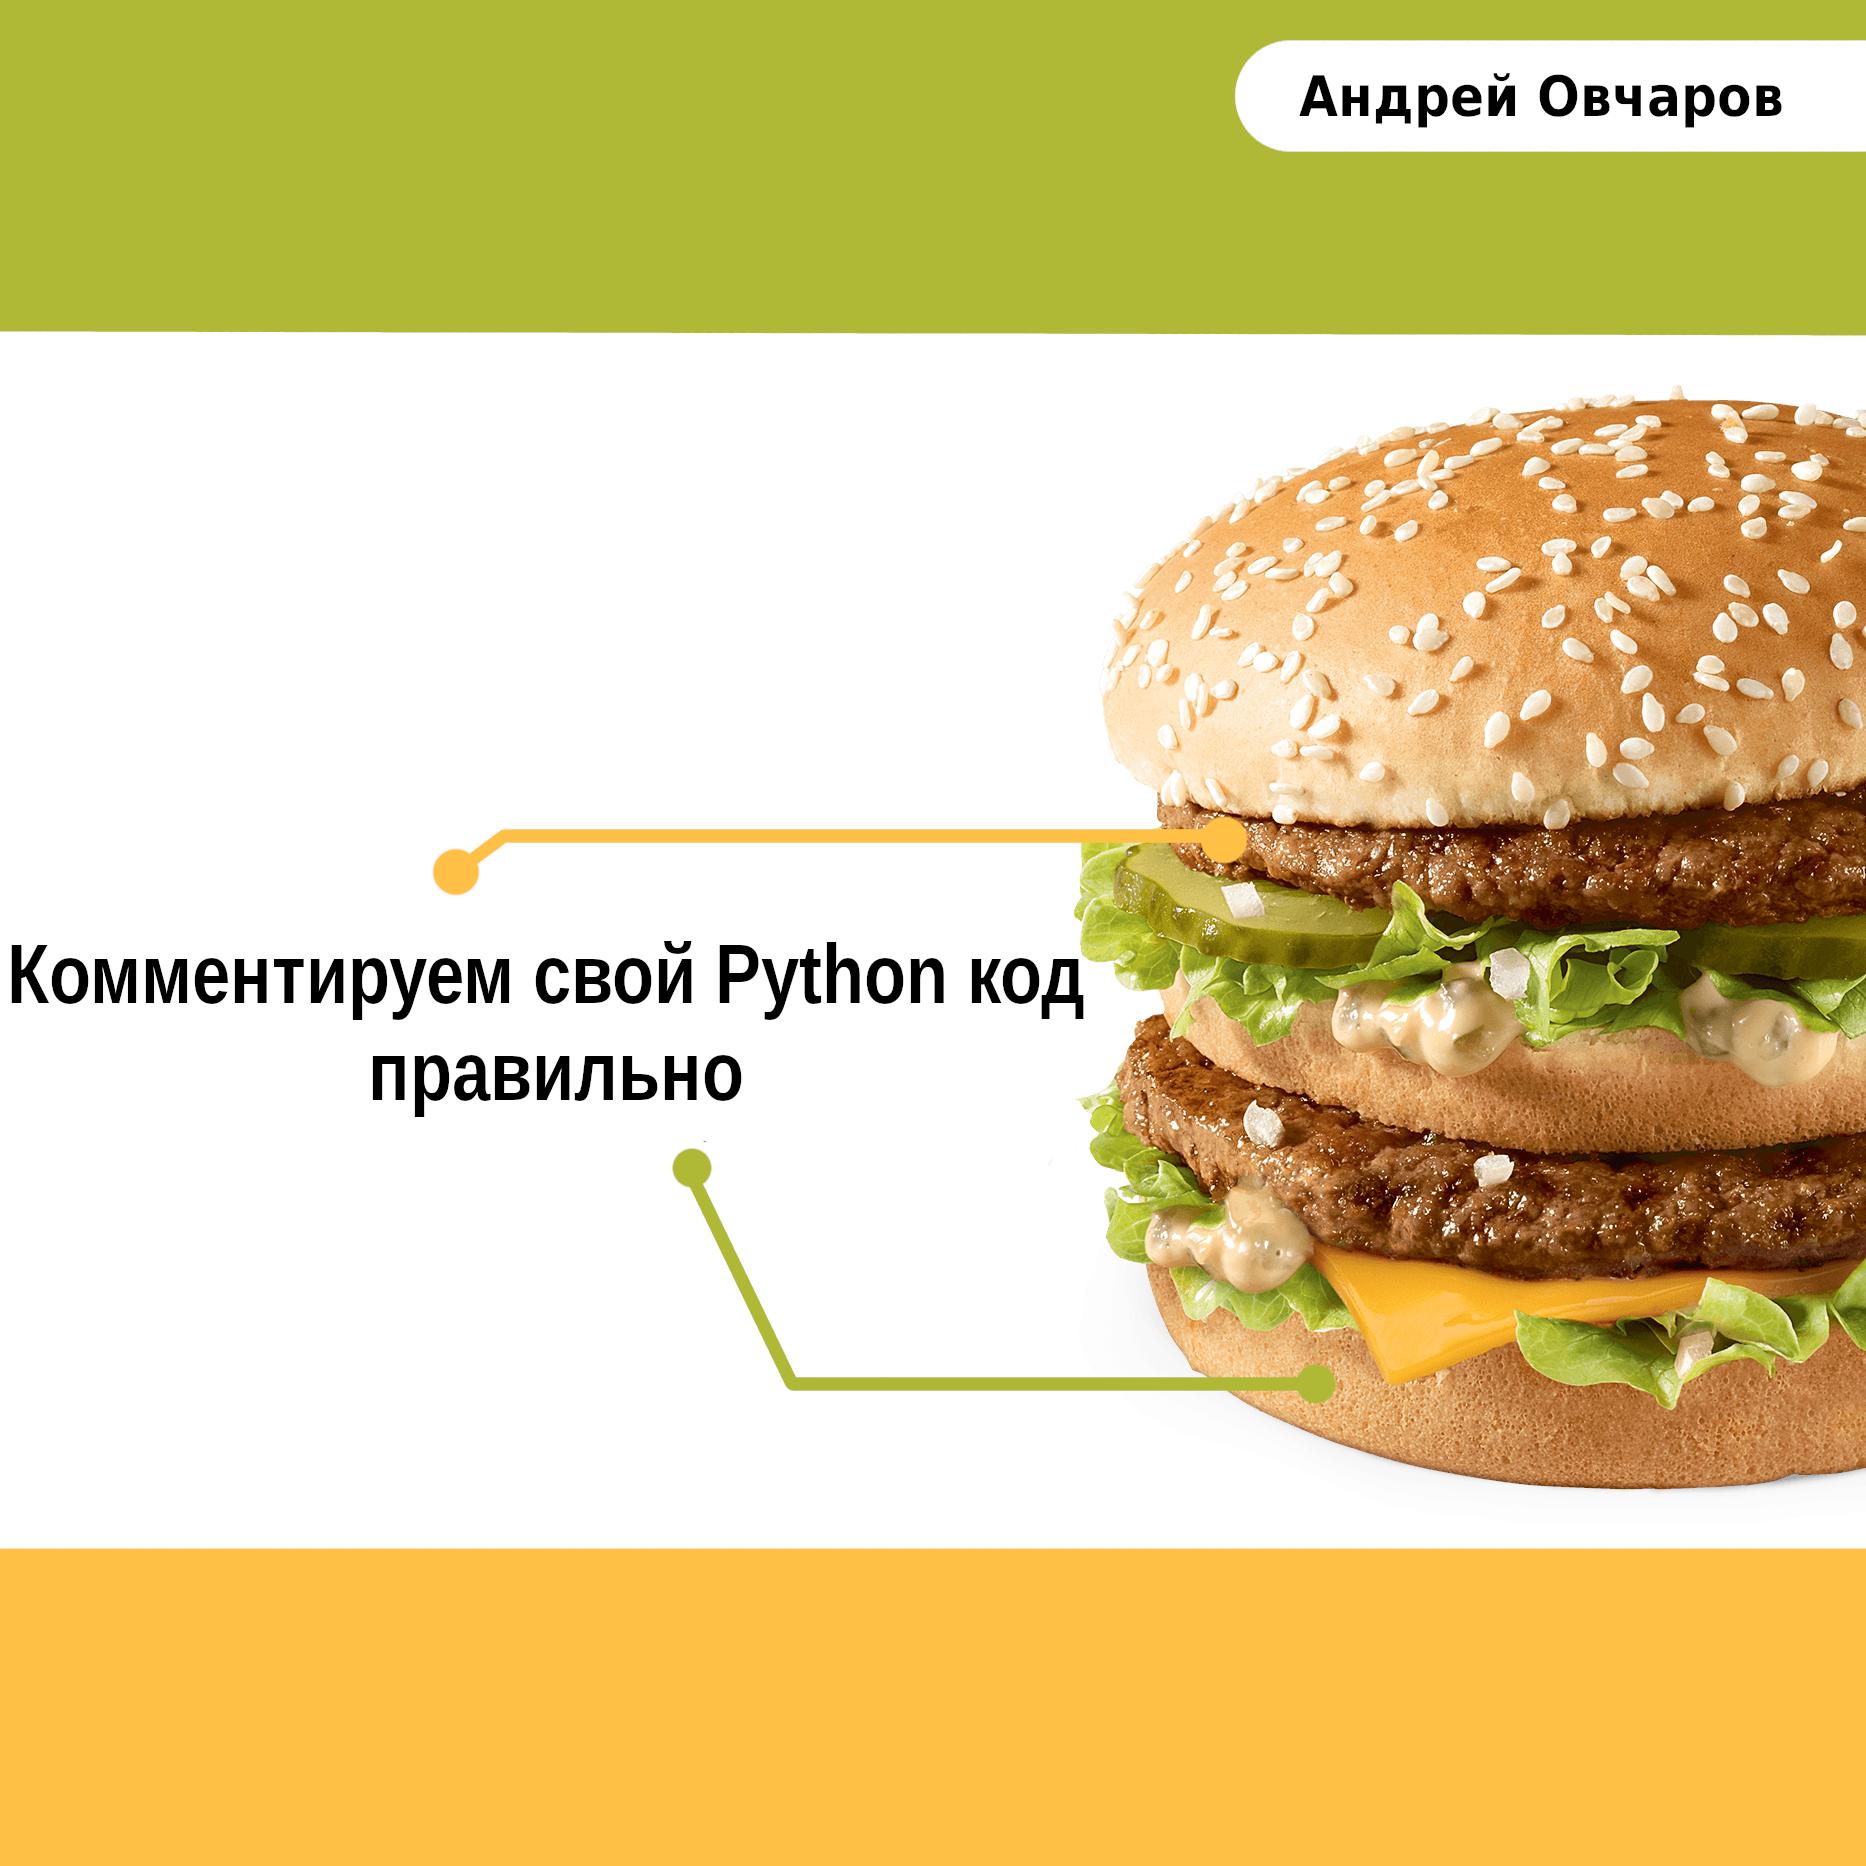 Комментируем свой Python код правильно